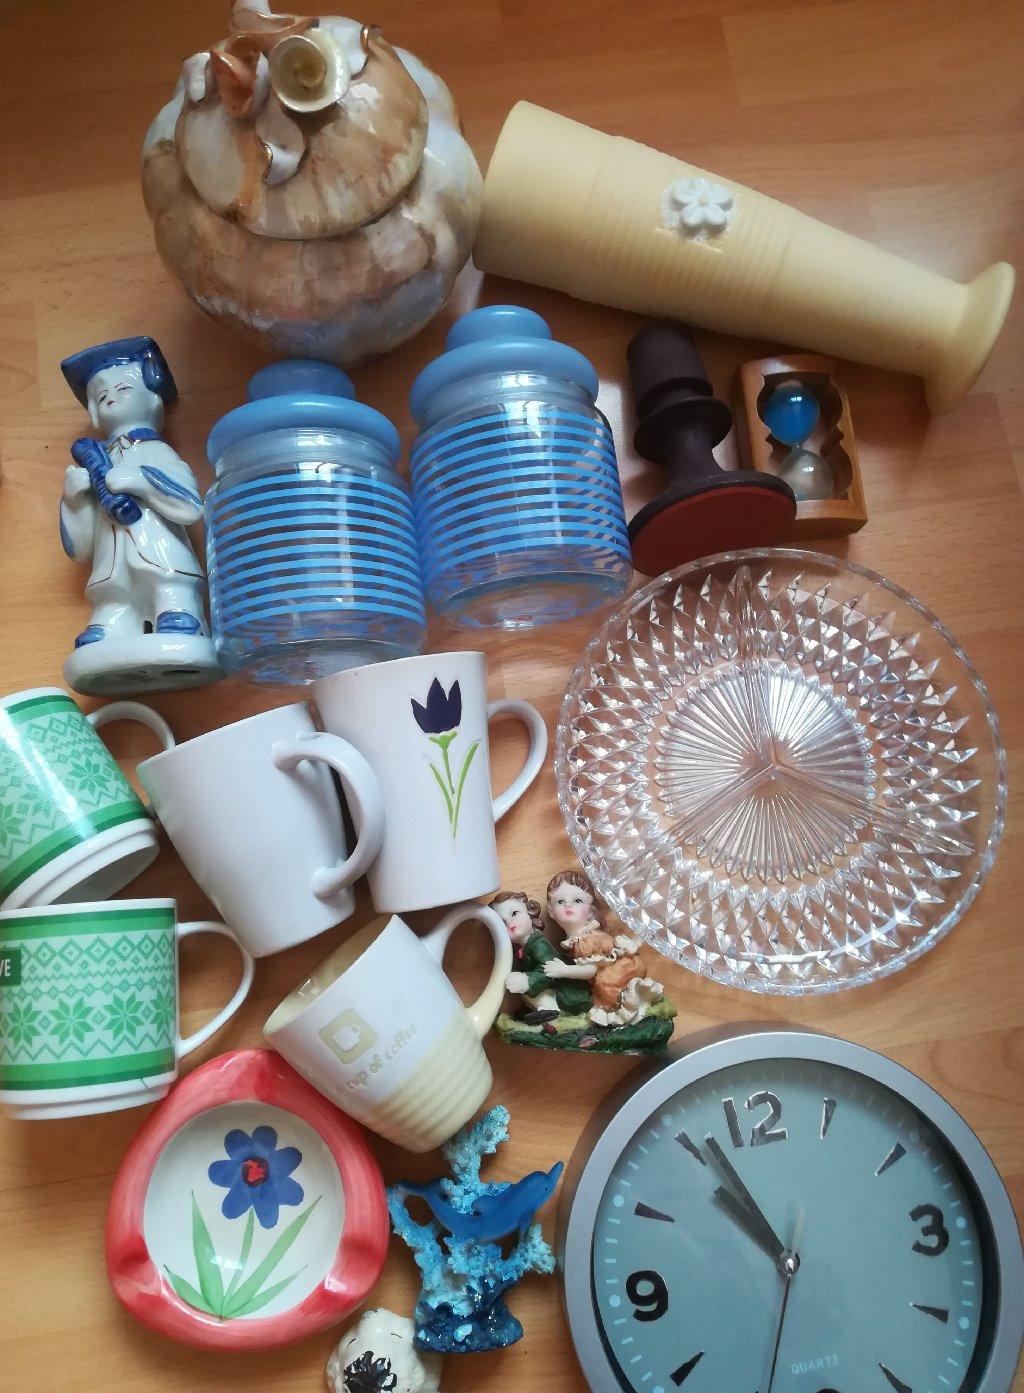 Rasprodaja raznih stvari za kuhinju-čaše, šolje,suveniri, vaze, činije, zidni sat, sve u izuzetnom stanju